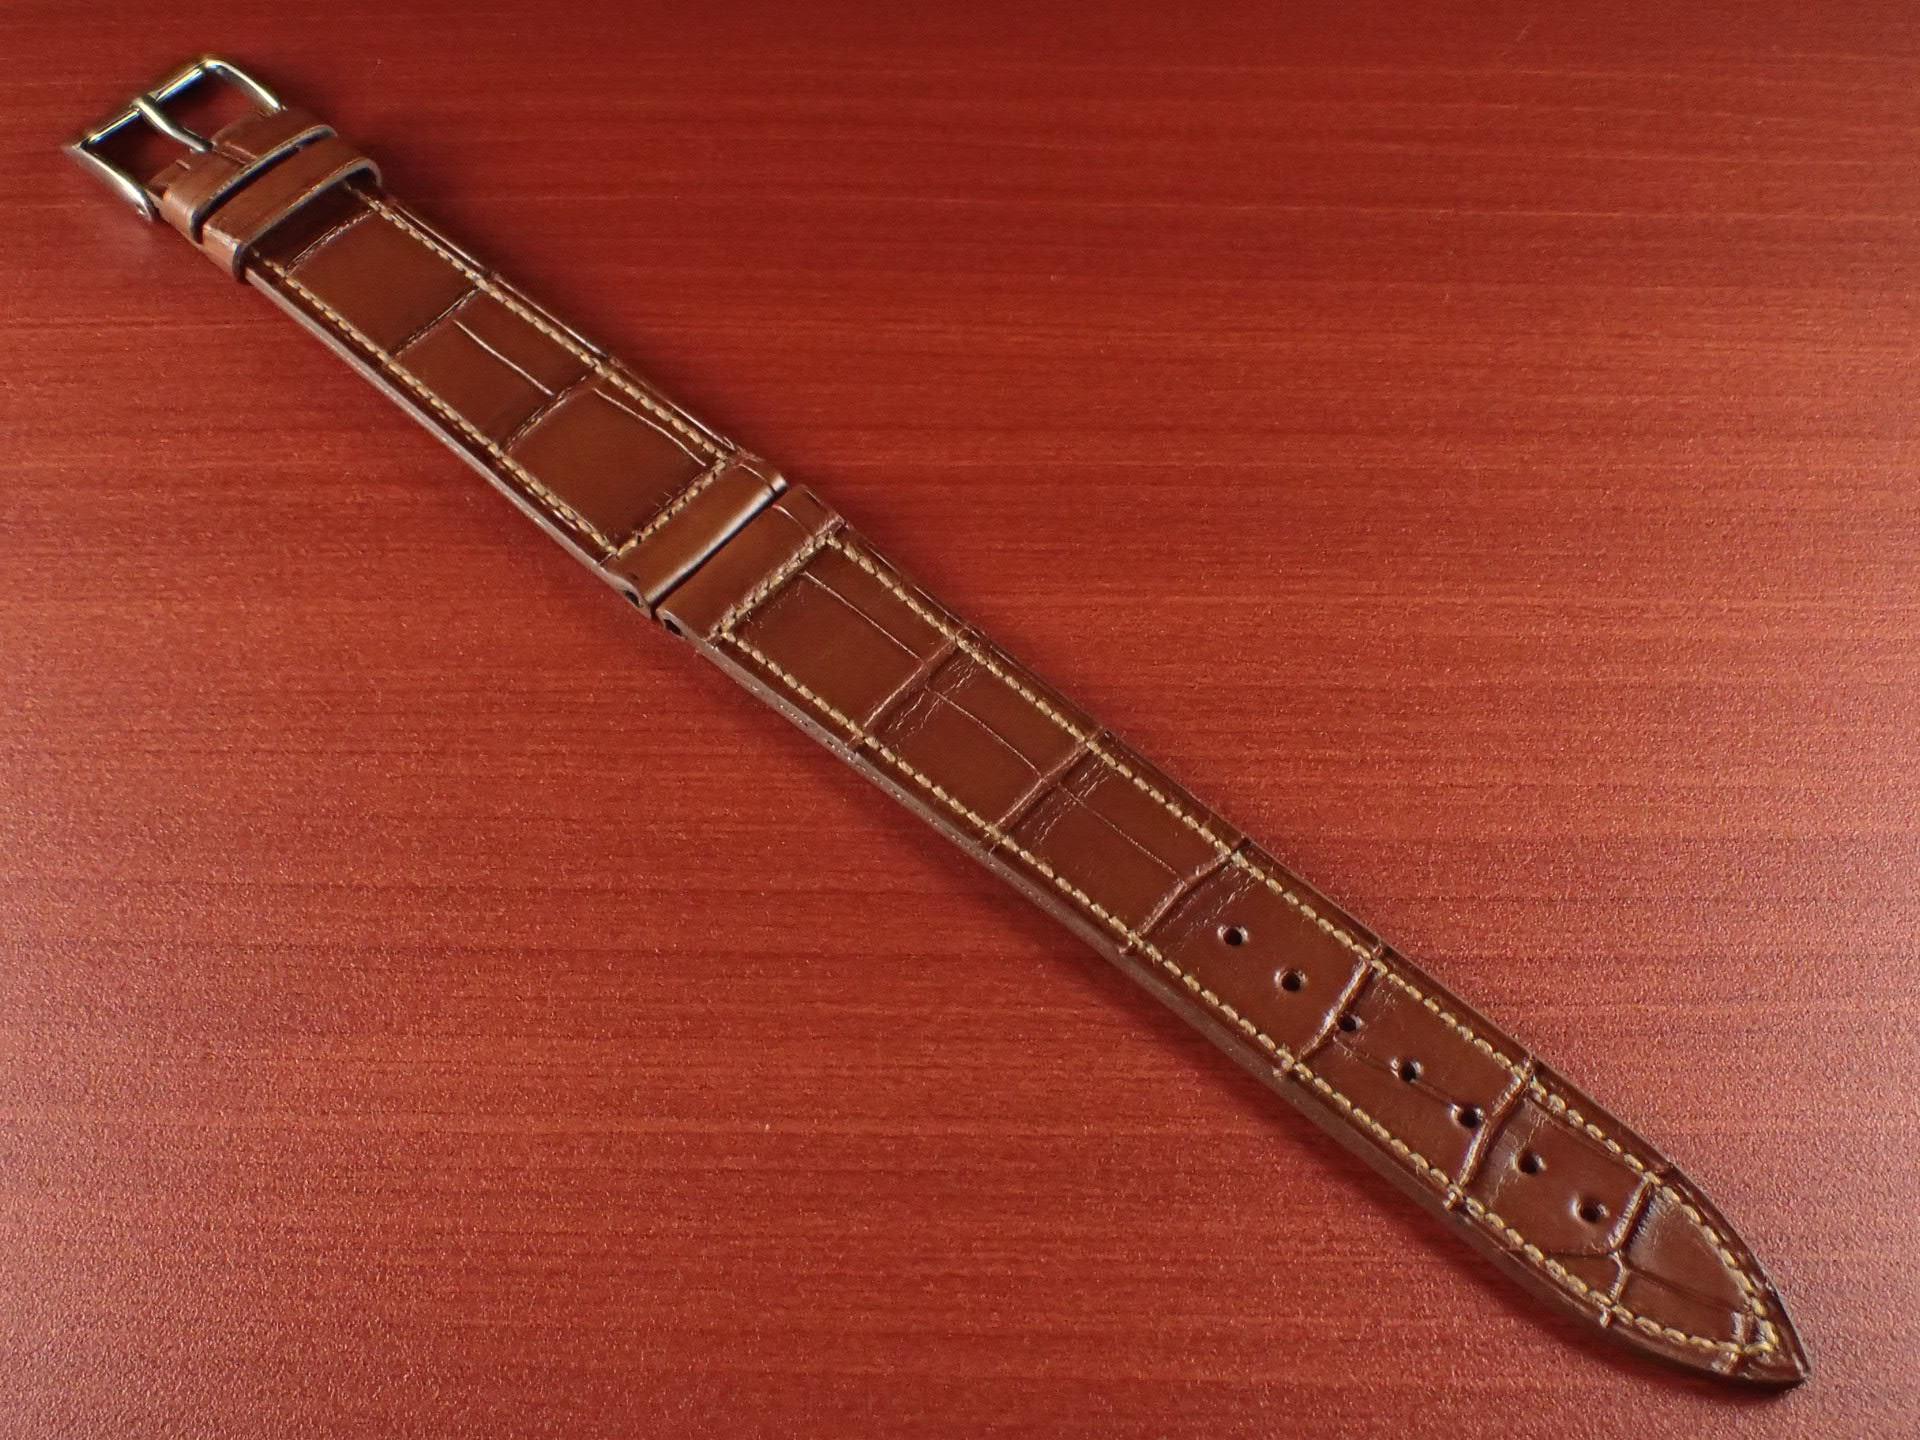 ジャン・クロード ペラン革ベルト クロコダイル ライトブラウン 18mmのメイン写真